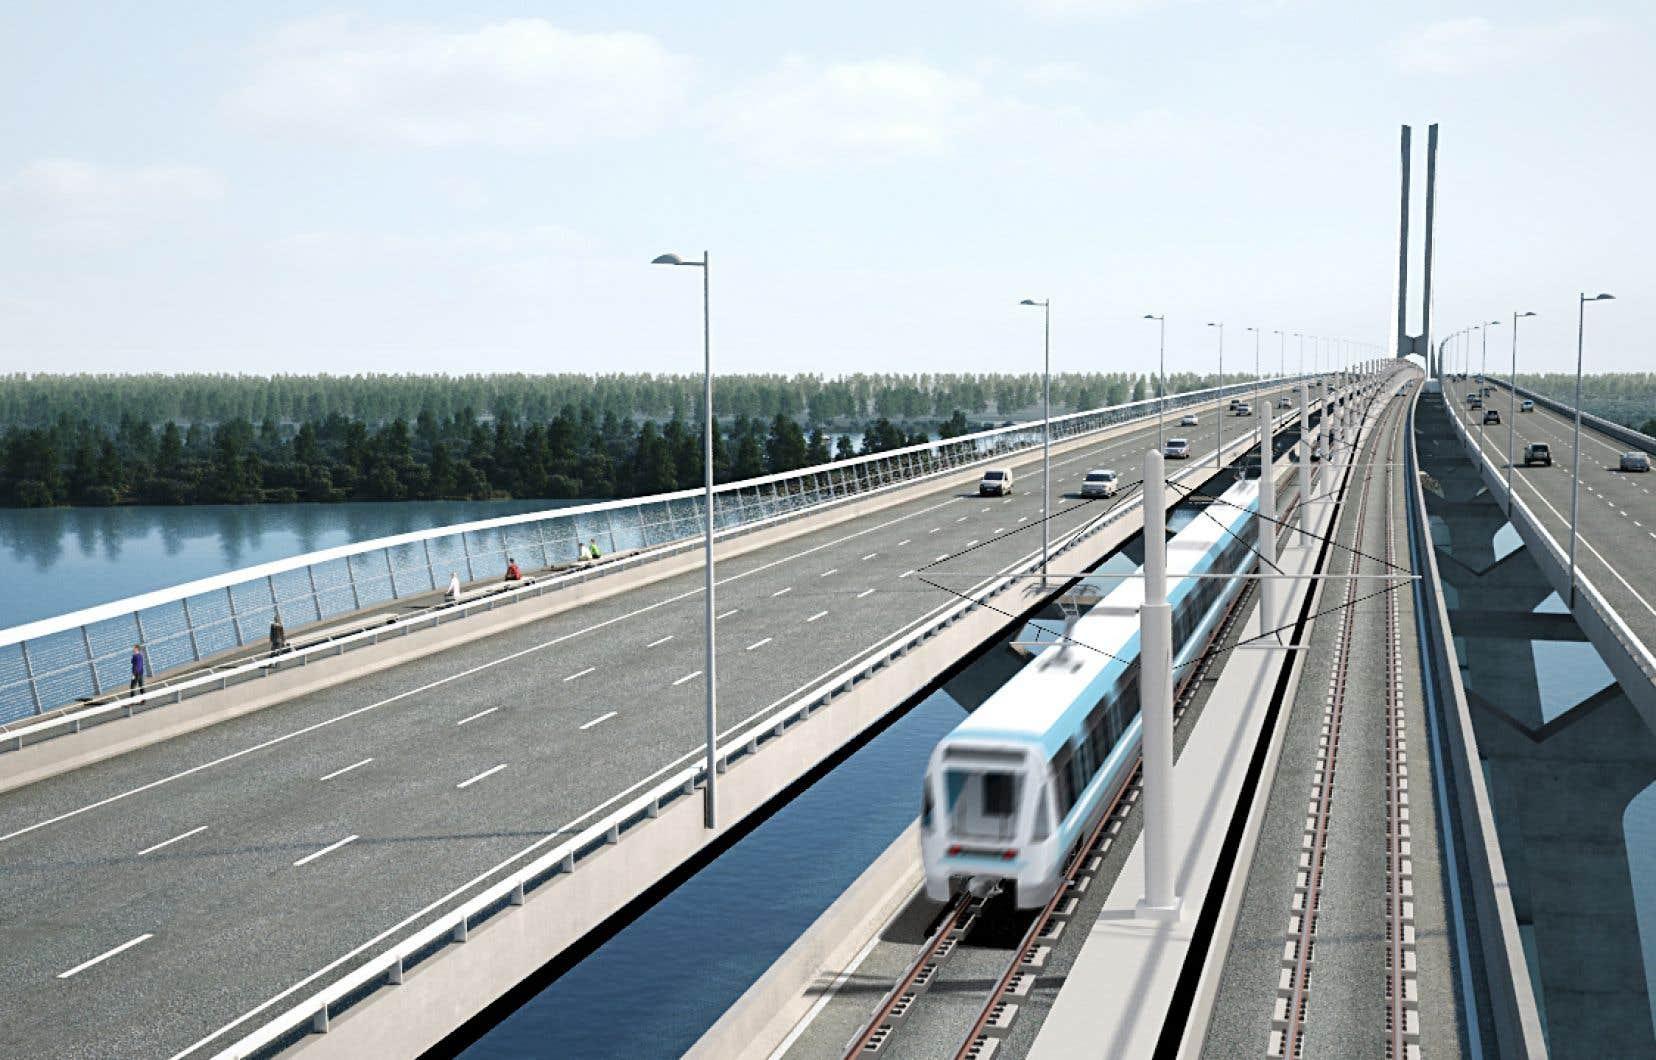 Il y a de nombreuses différences entre les premières esquisses de différents projets de transport présentées au public et les plans de construction actuels des mêmes projets.